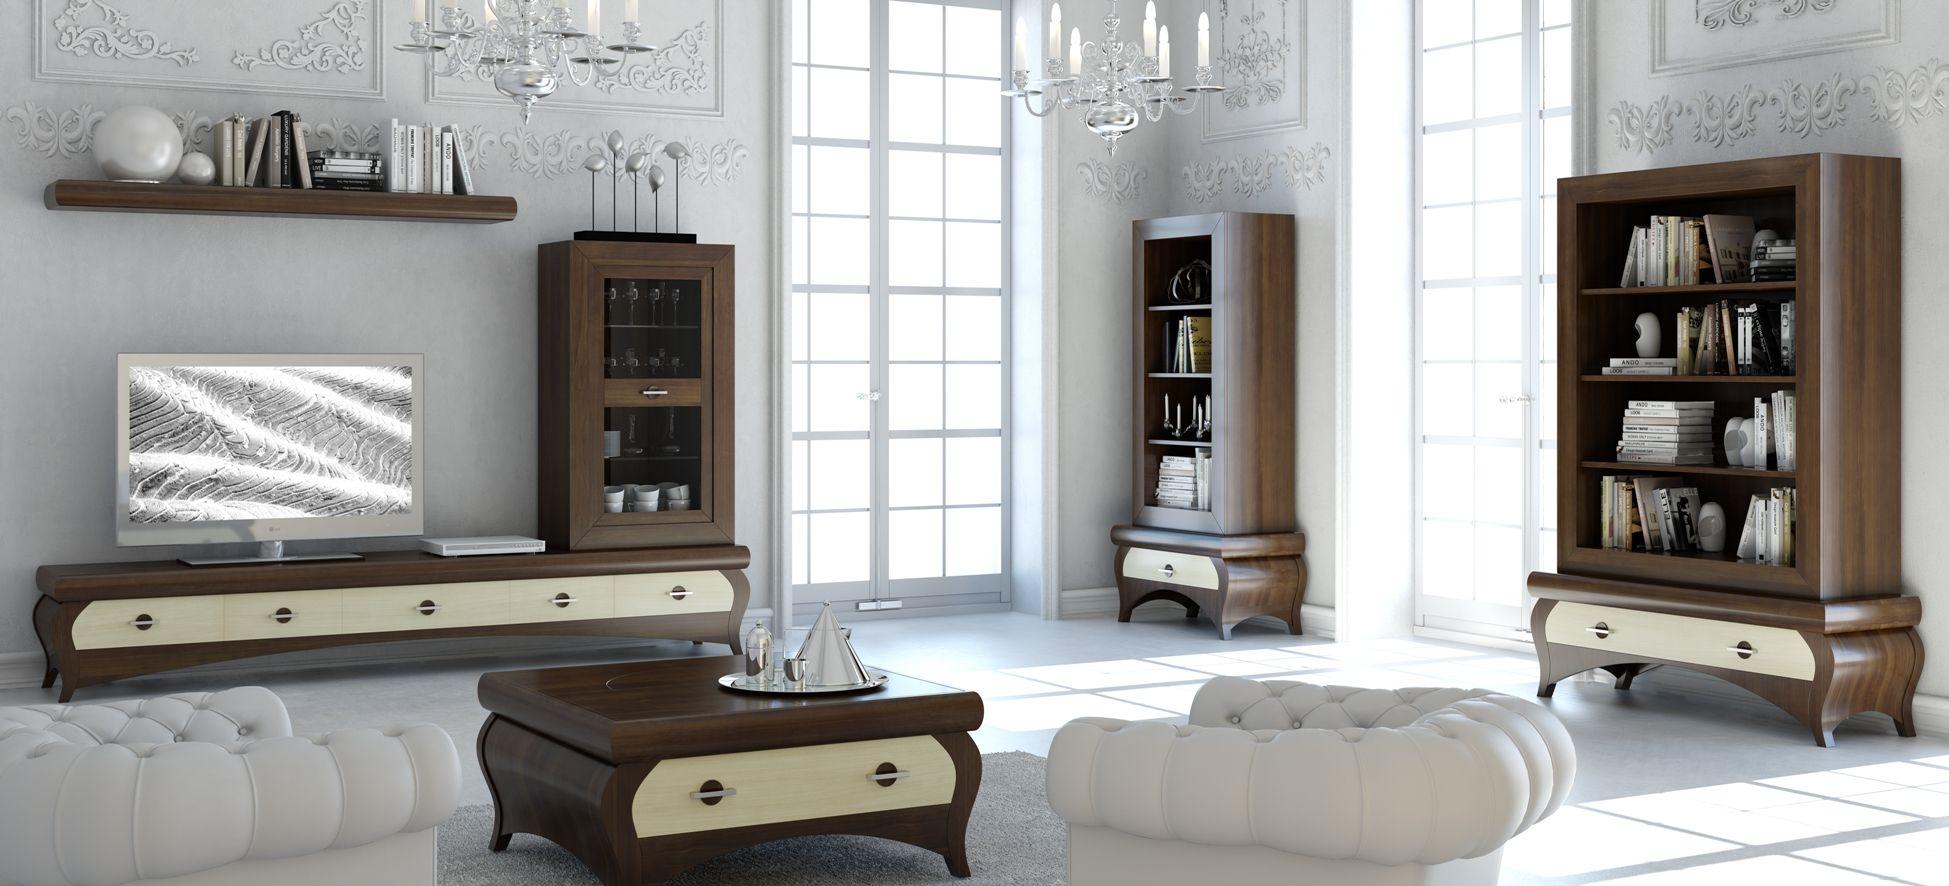 Muebles Lancha Una Firma Diferente Muebles Gimenez Muebles  # Muebles Padre Hurtado